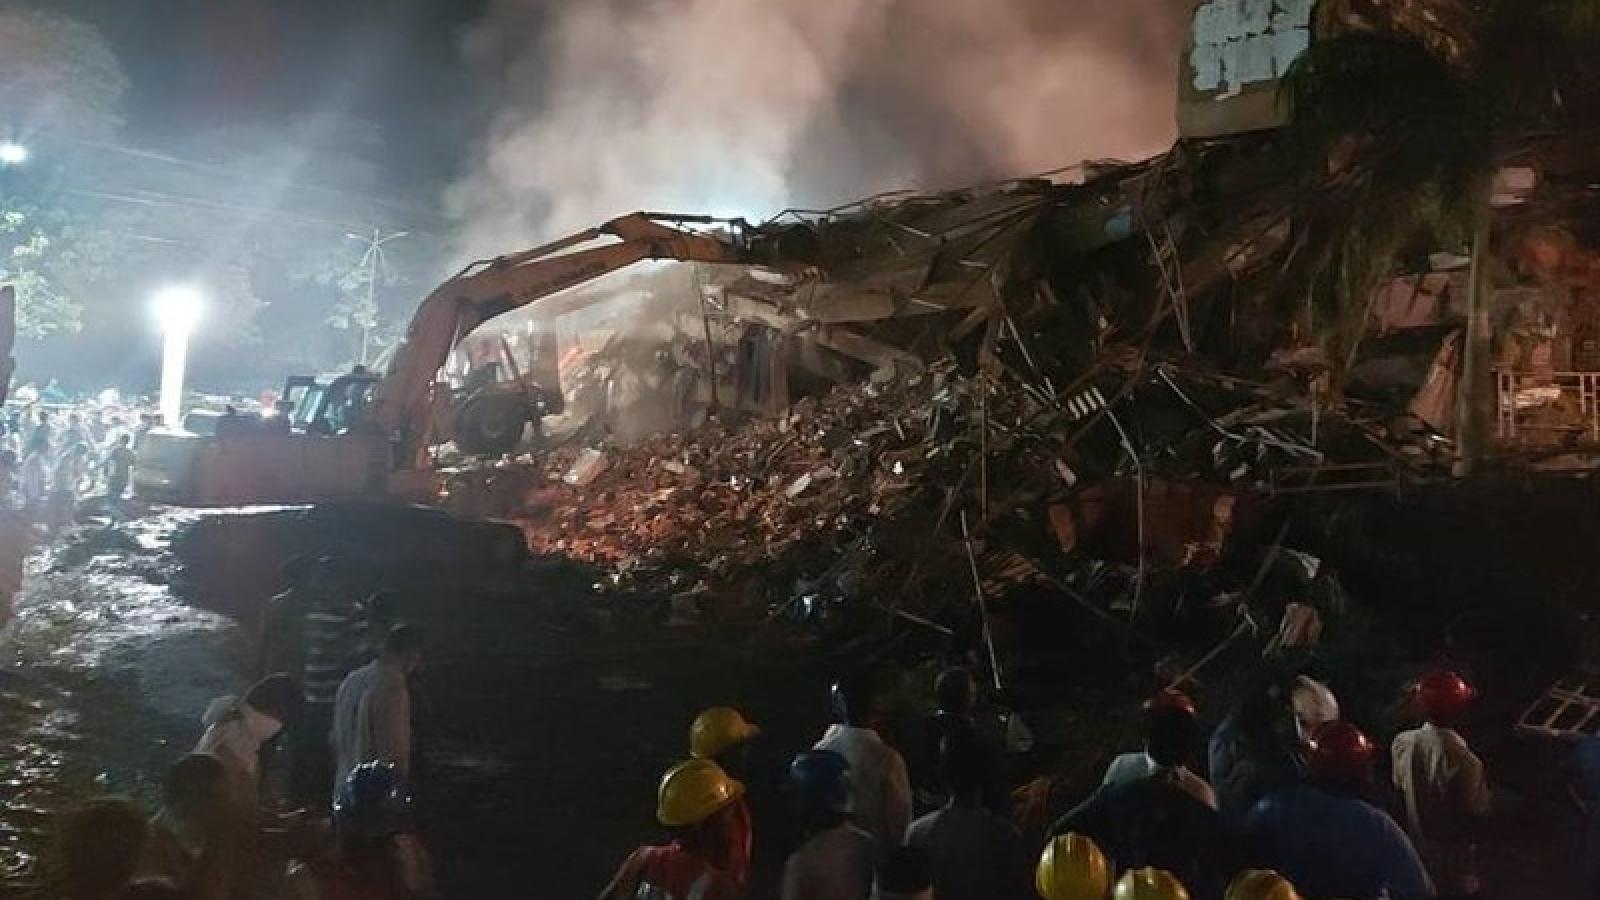 2 người chết, 18 người mất tích trong vụ sập nhà ở Ấn Độ